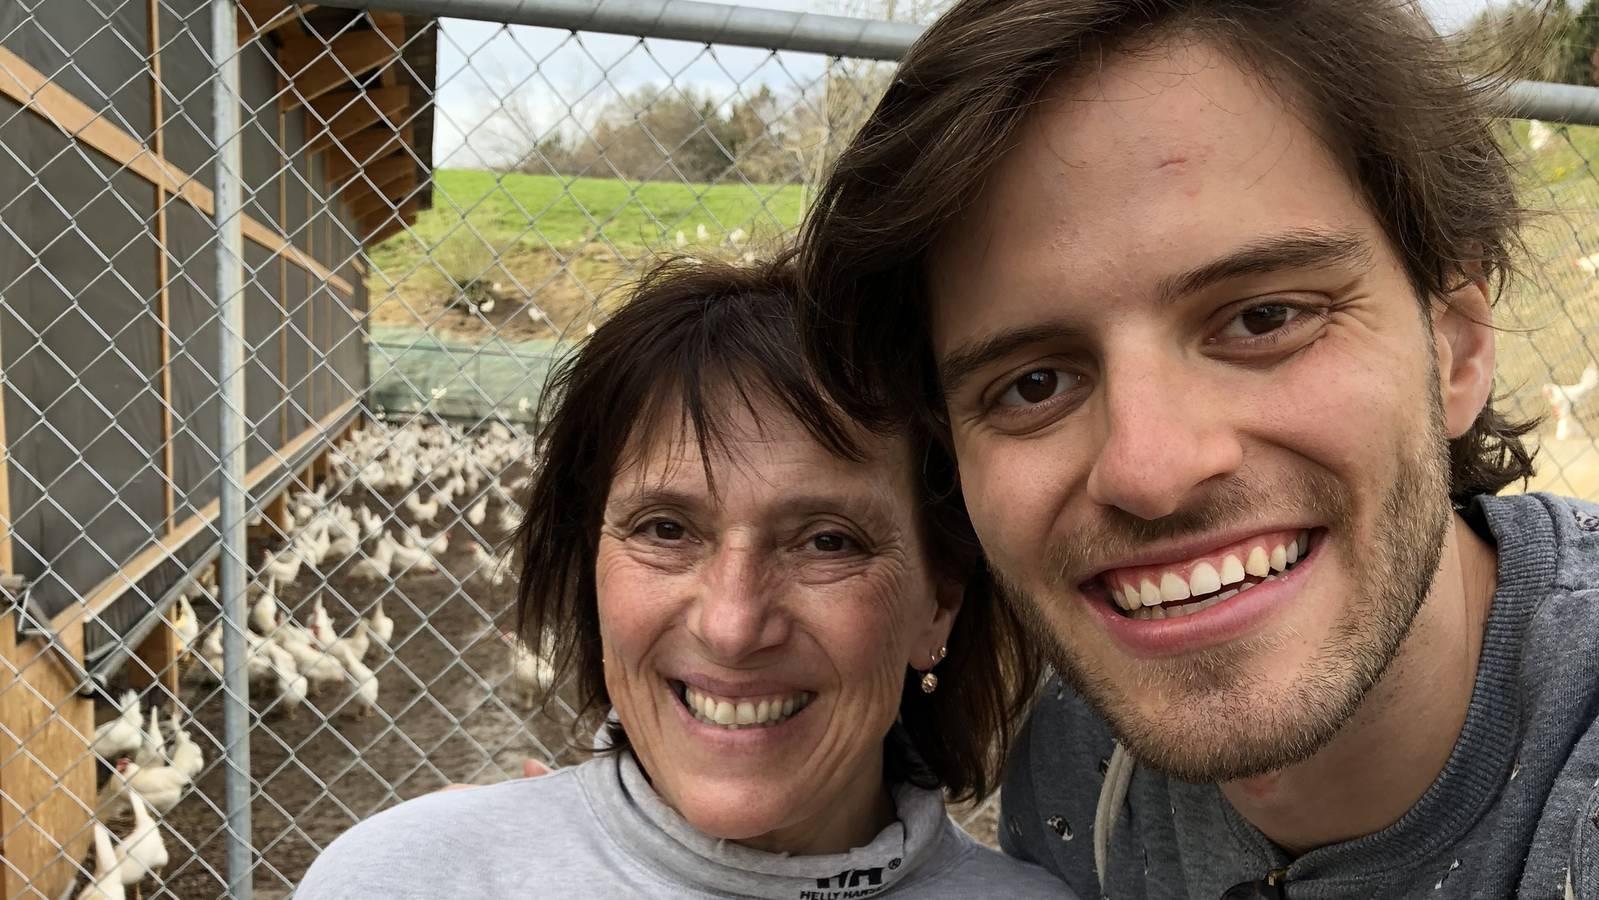 Jeanette Wüst ist Bäuerin in Kloten. Auf ihrem Hof leben über 9000 Freilandhühner und 8 Kühe. (© Radio 24)